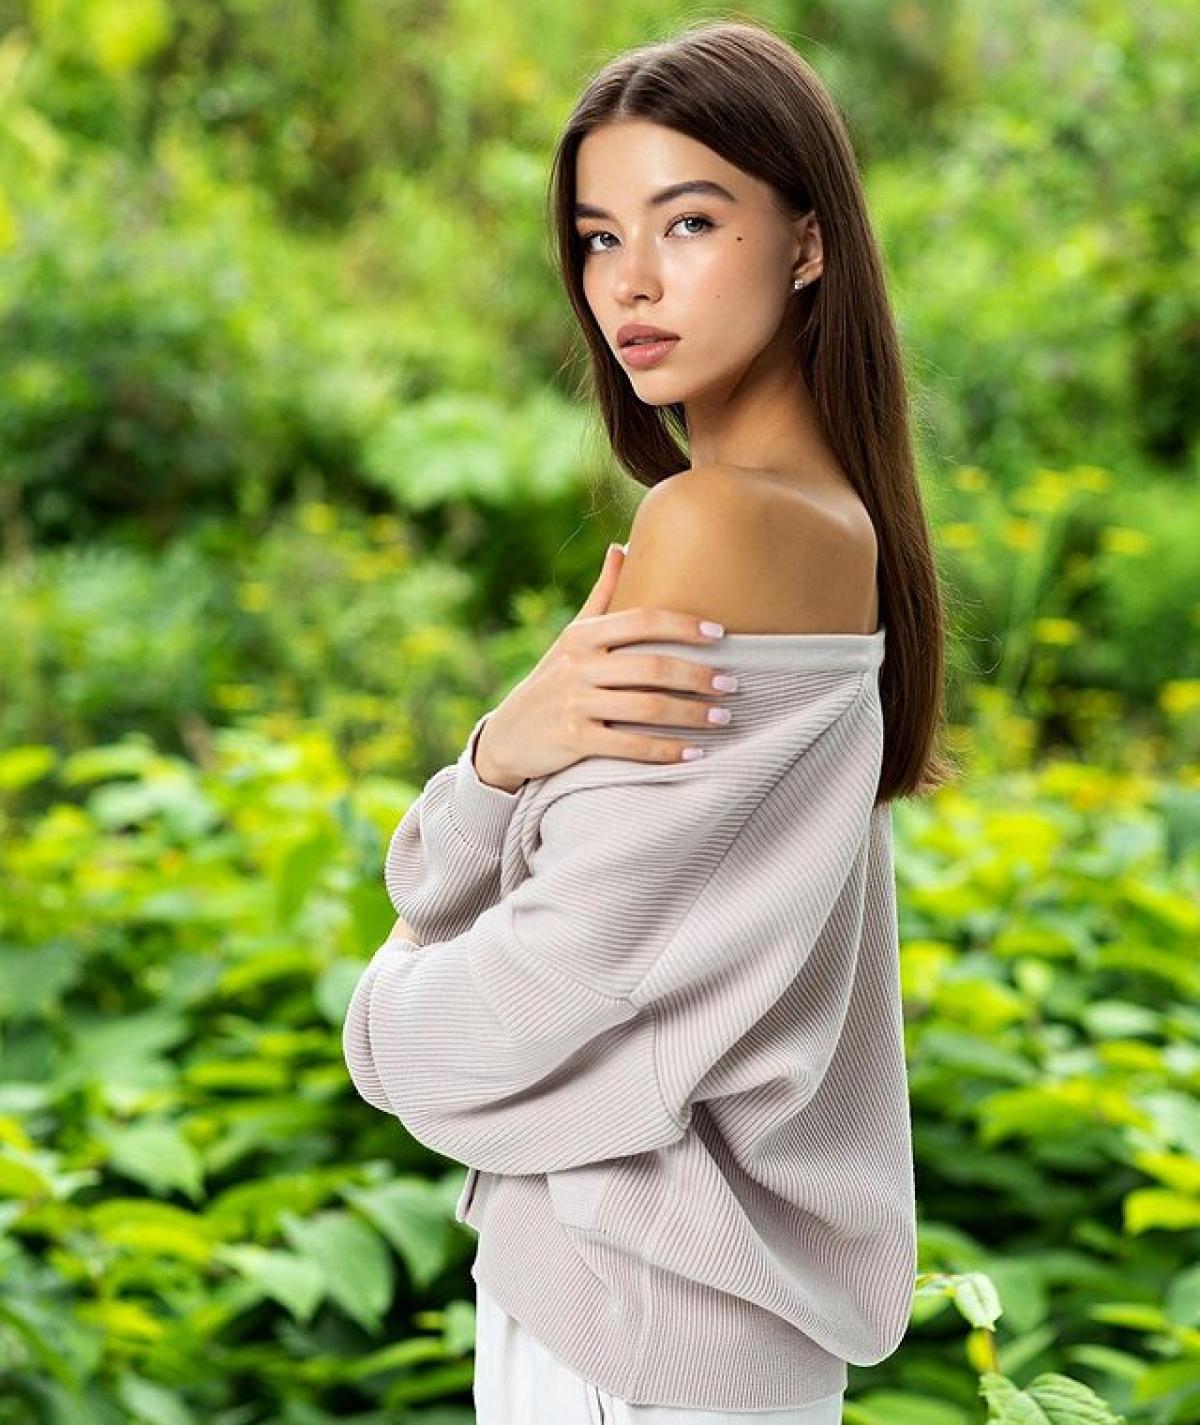 Vẻ đẹp như búp bê của nữ sinh viên 18 tuổi vừa lên ngôi Hoa hậu Trái đất Nga - Hình 3